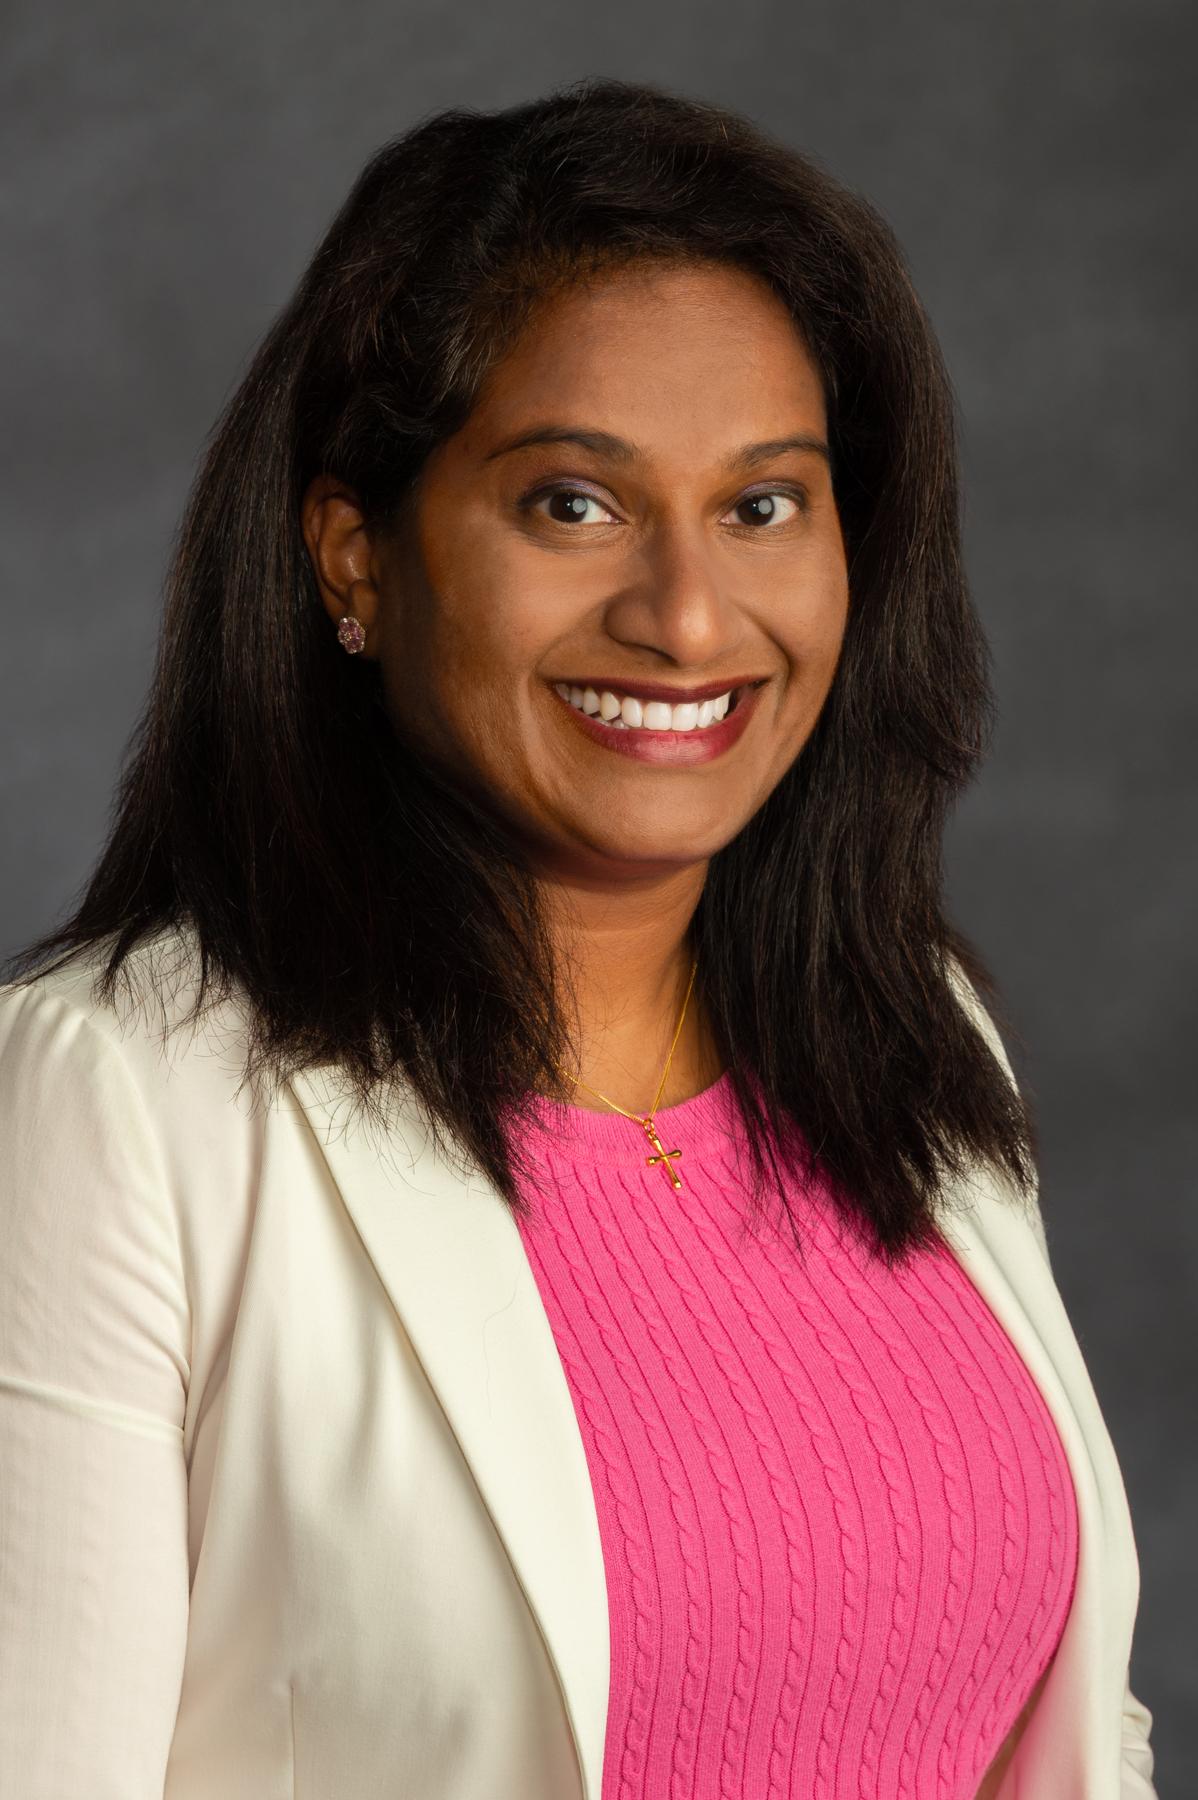 Suneeta Brito, MD